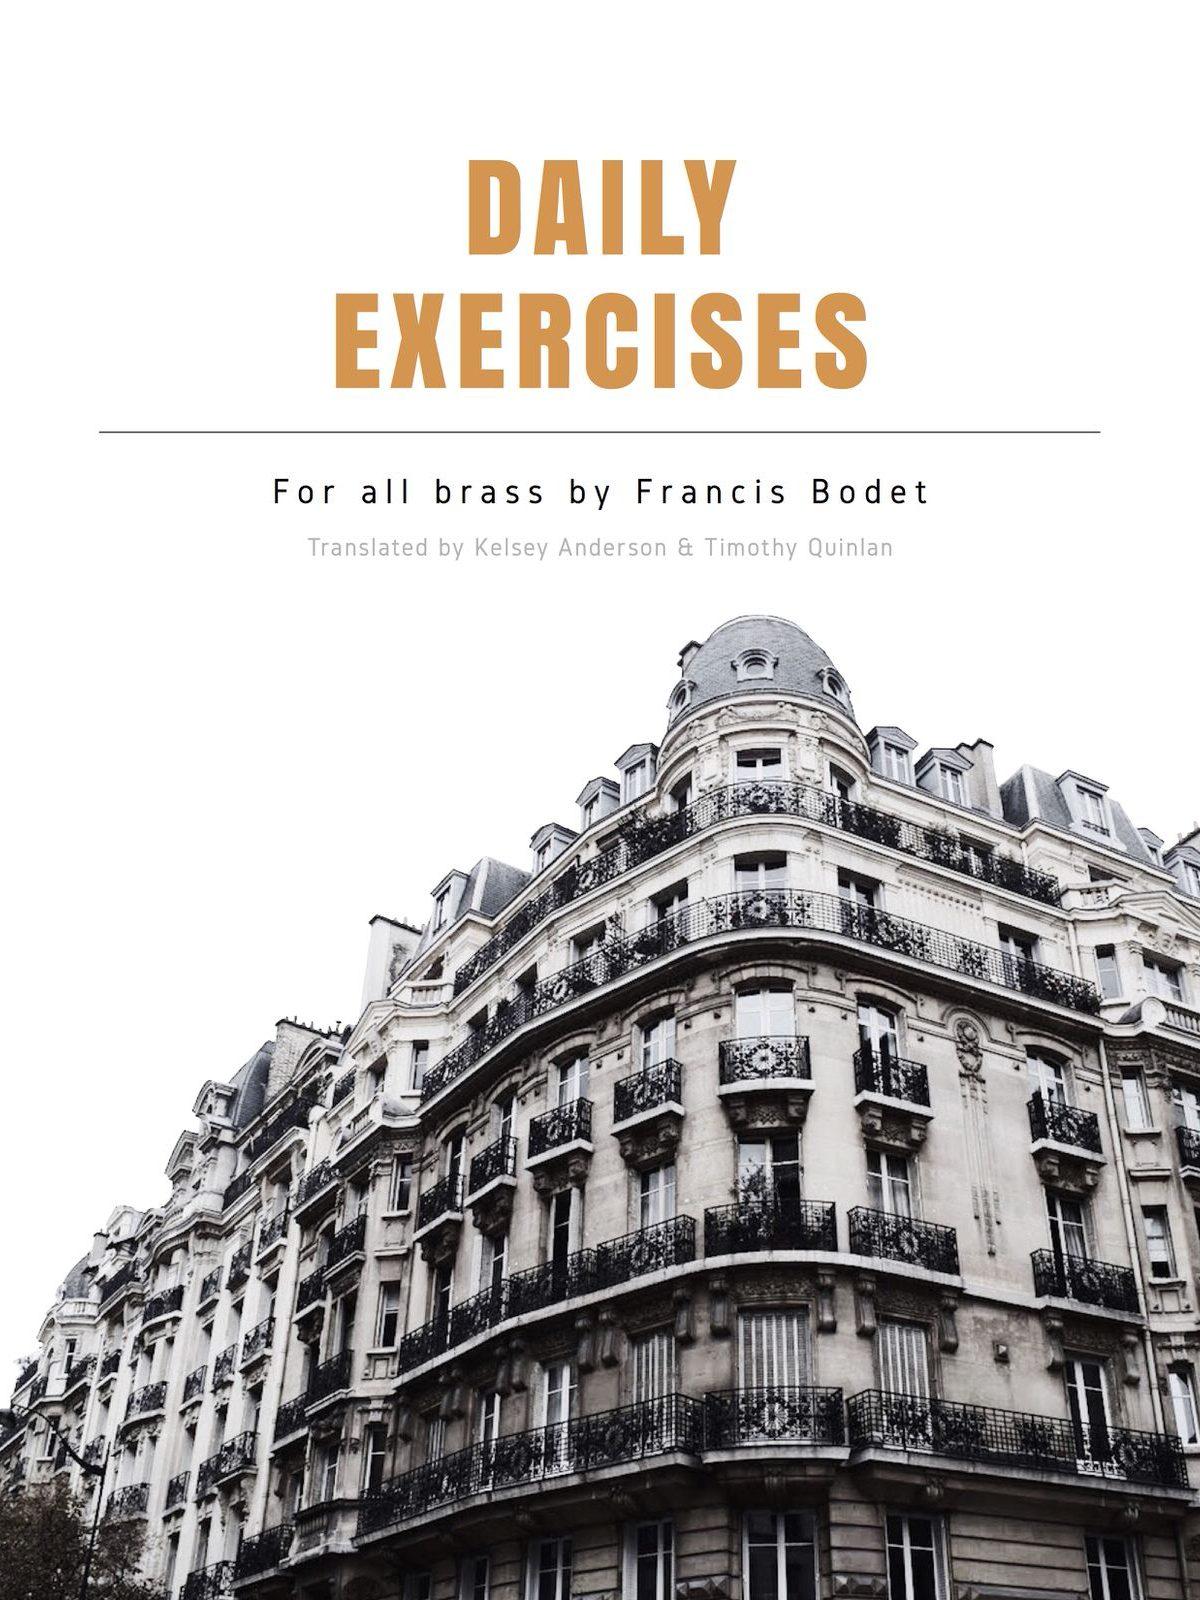 Bodet, Daily Exercises (English)-p01